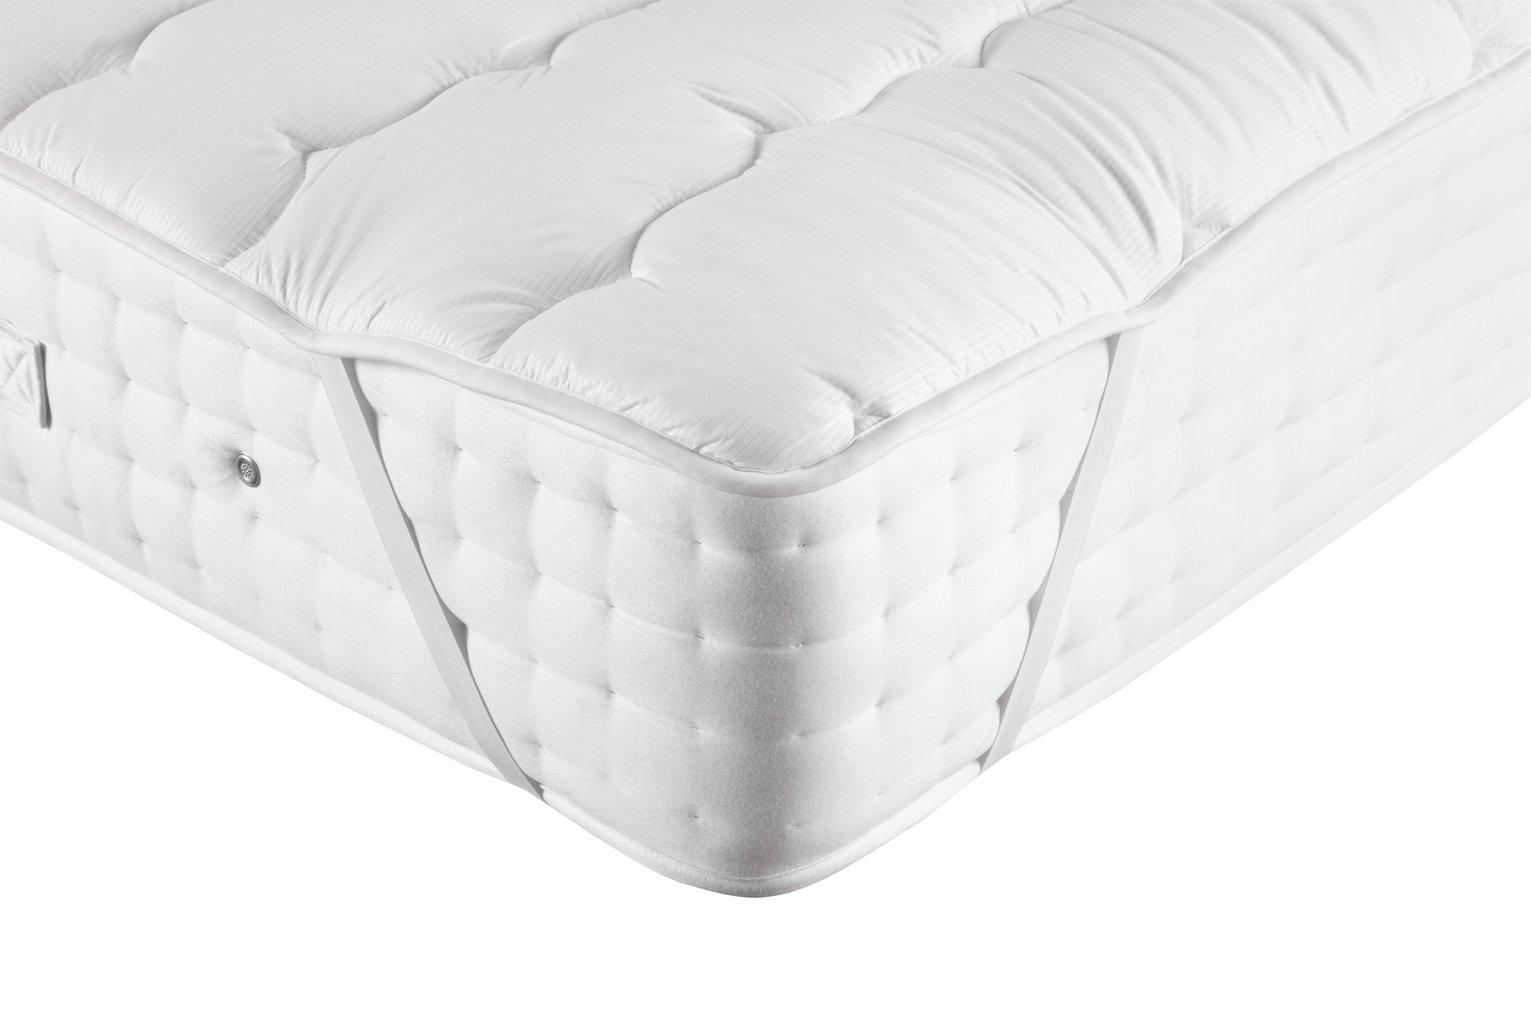 Argos Home Anti Allergy Mattress Topper - Double